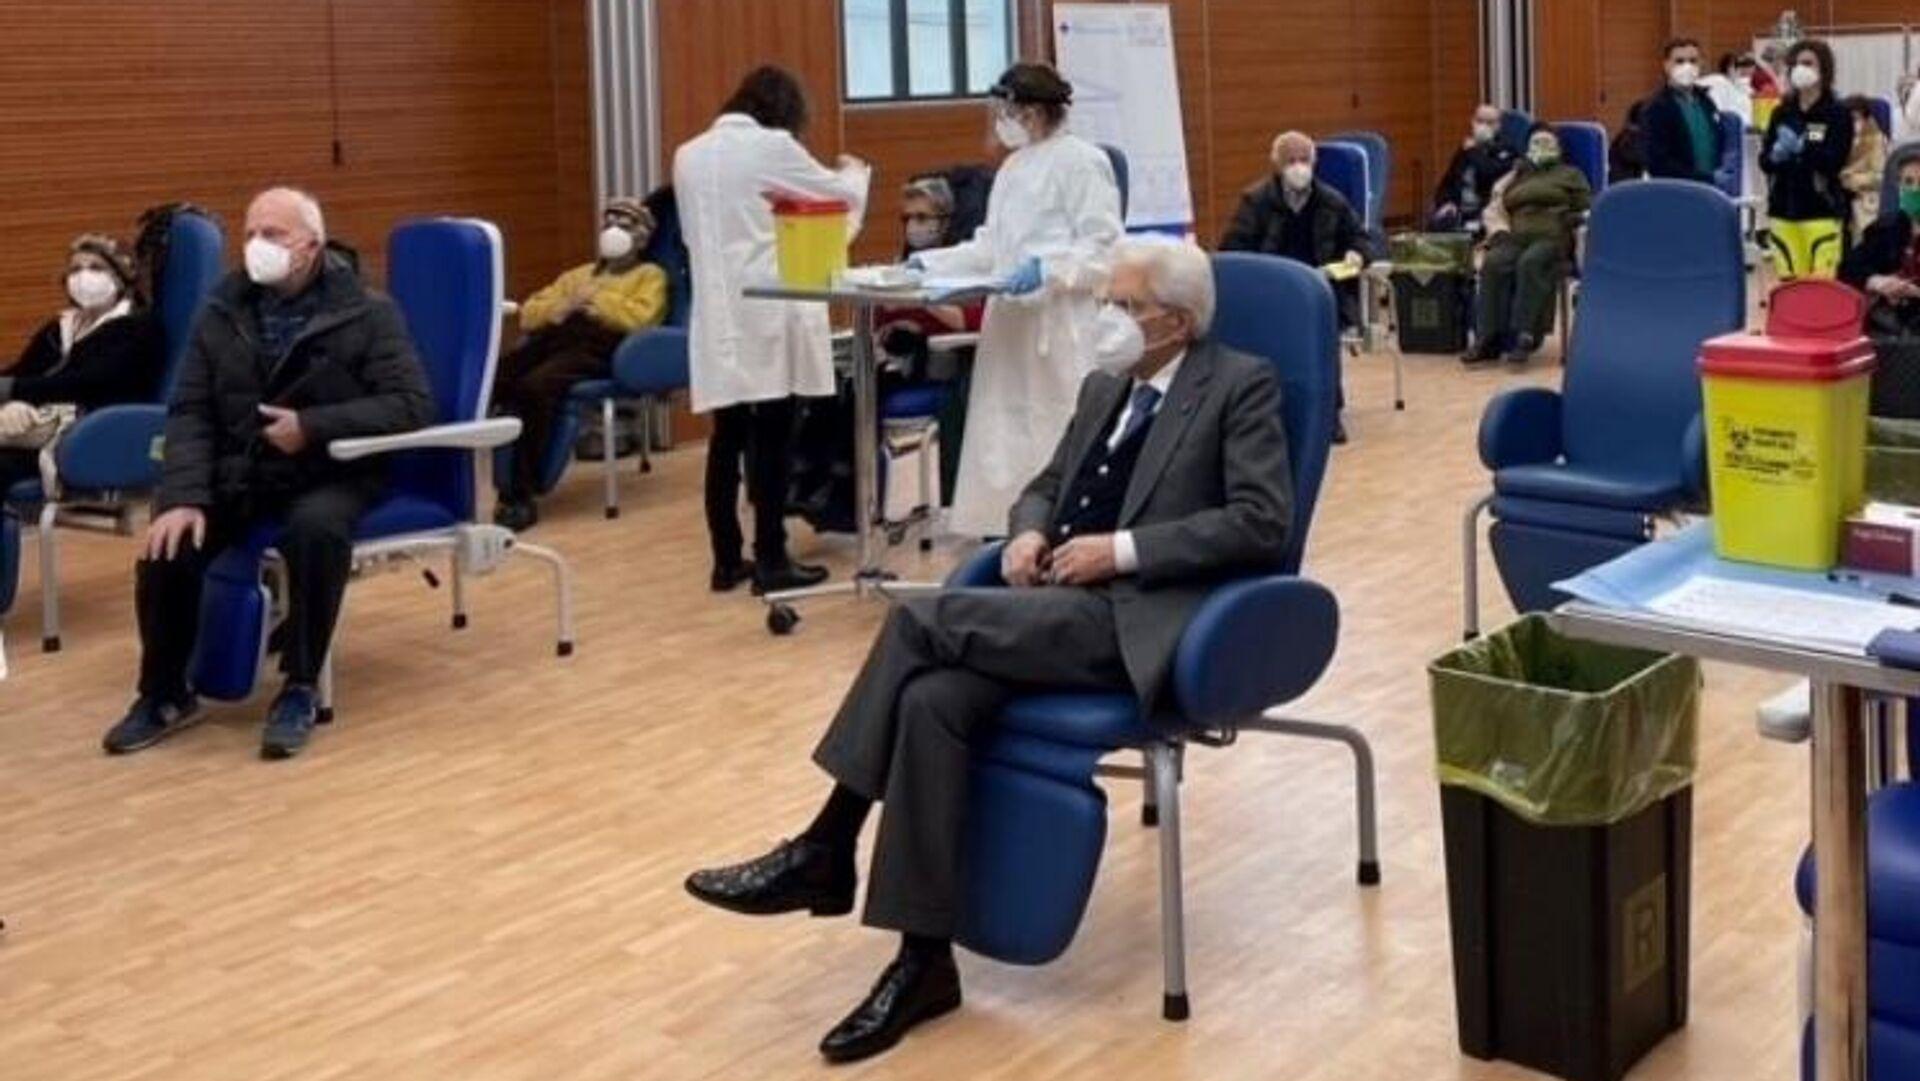 Президент Италии Серджо Маттарелла в очереди на вакцинацию от коронавируса - РИА Новости, 1920, 09.03.2021